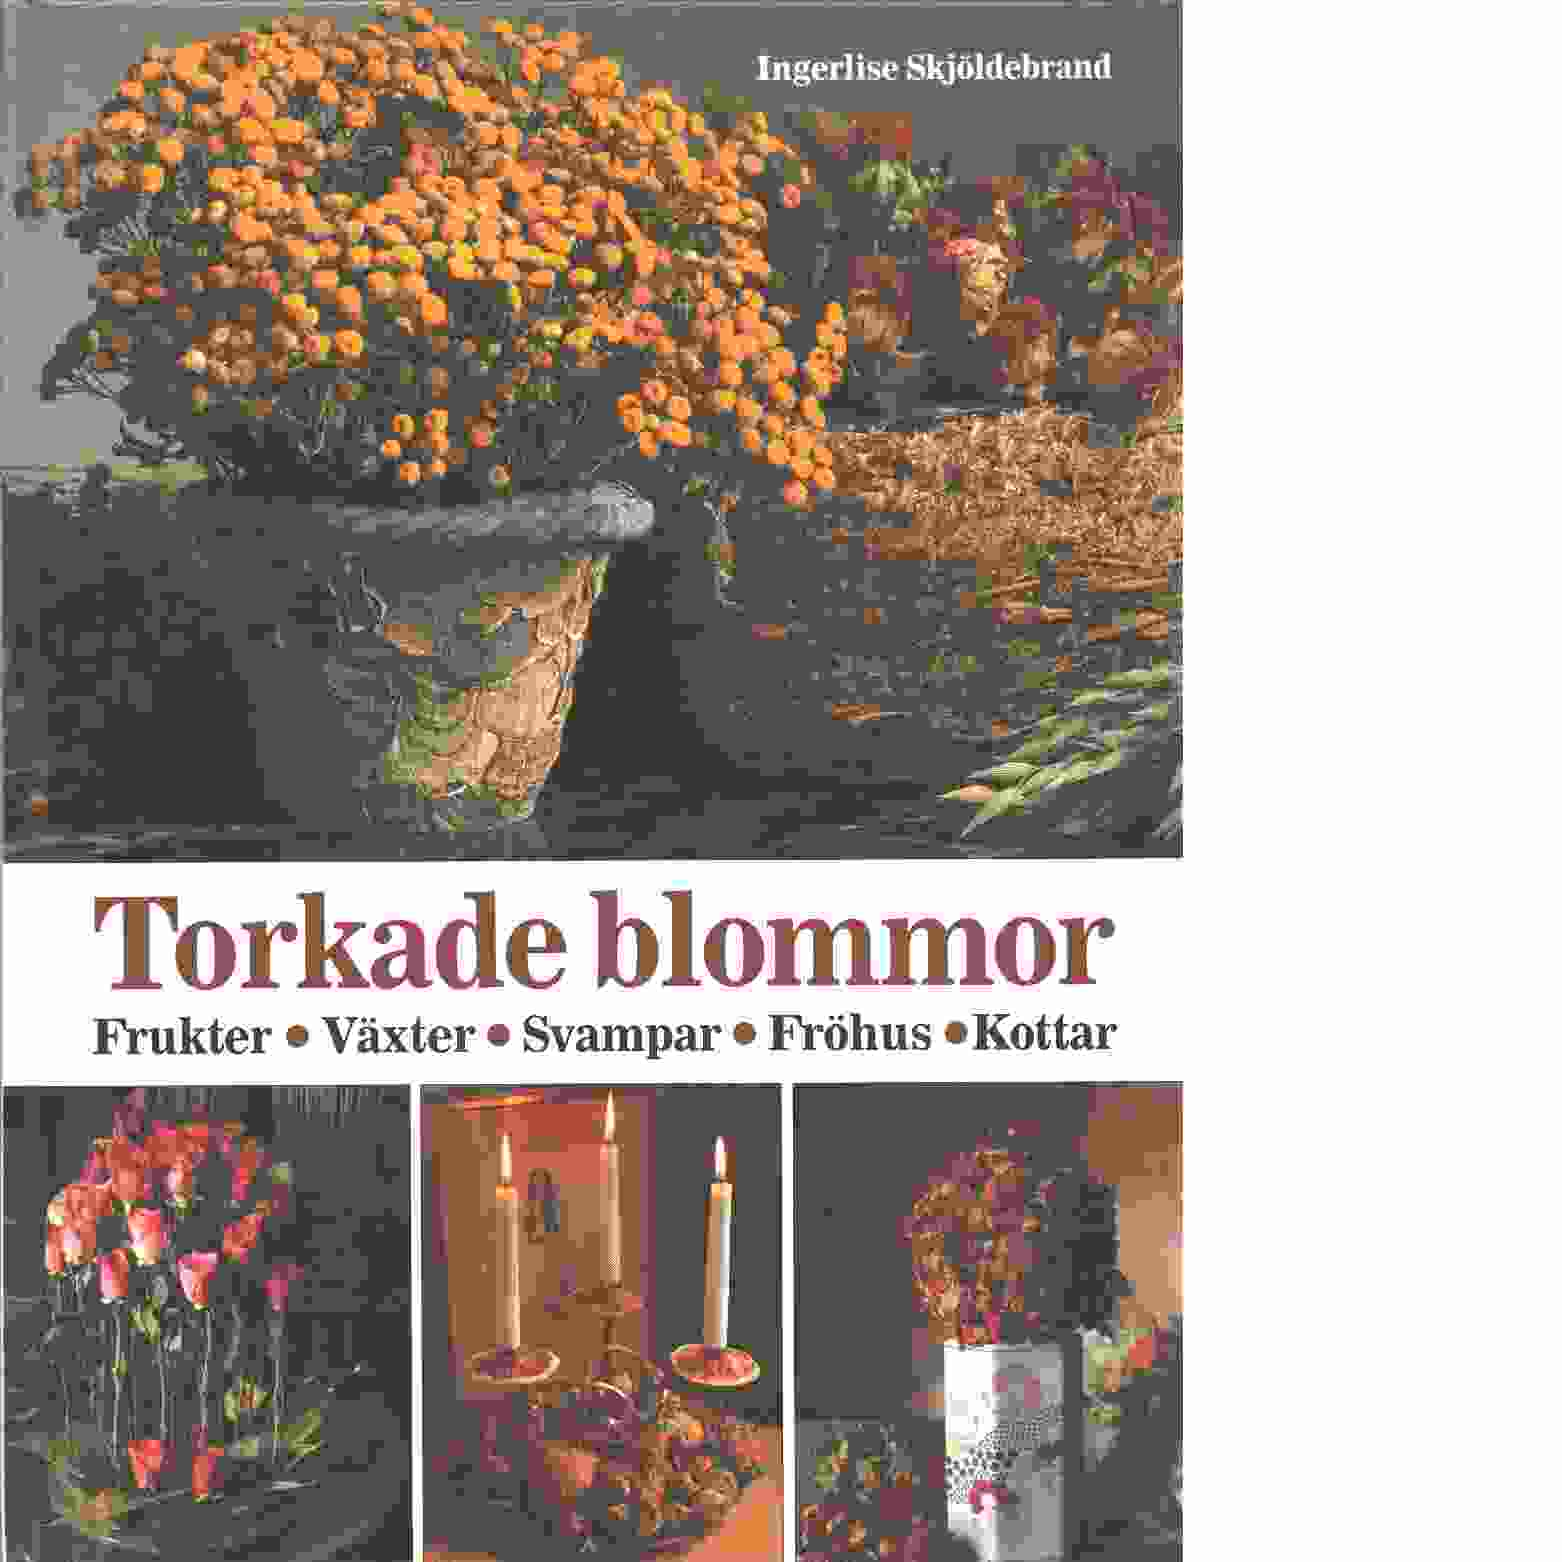 Torkade blommor : [frukter, växter, svampar, fröhus, kottar] - Skjöldebrand, Ingerlise